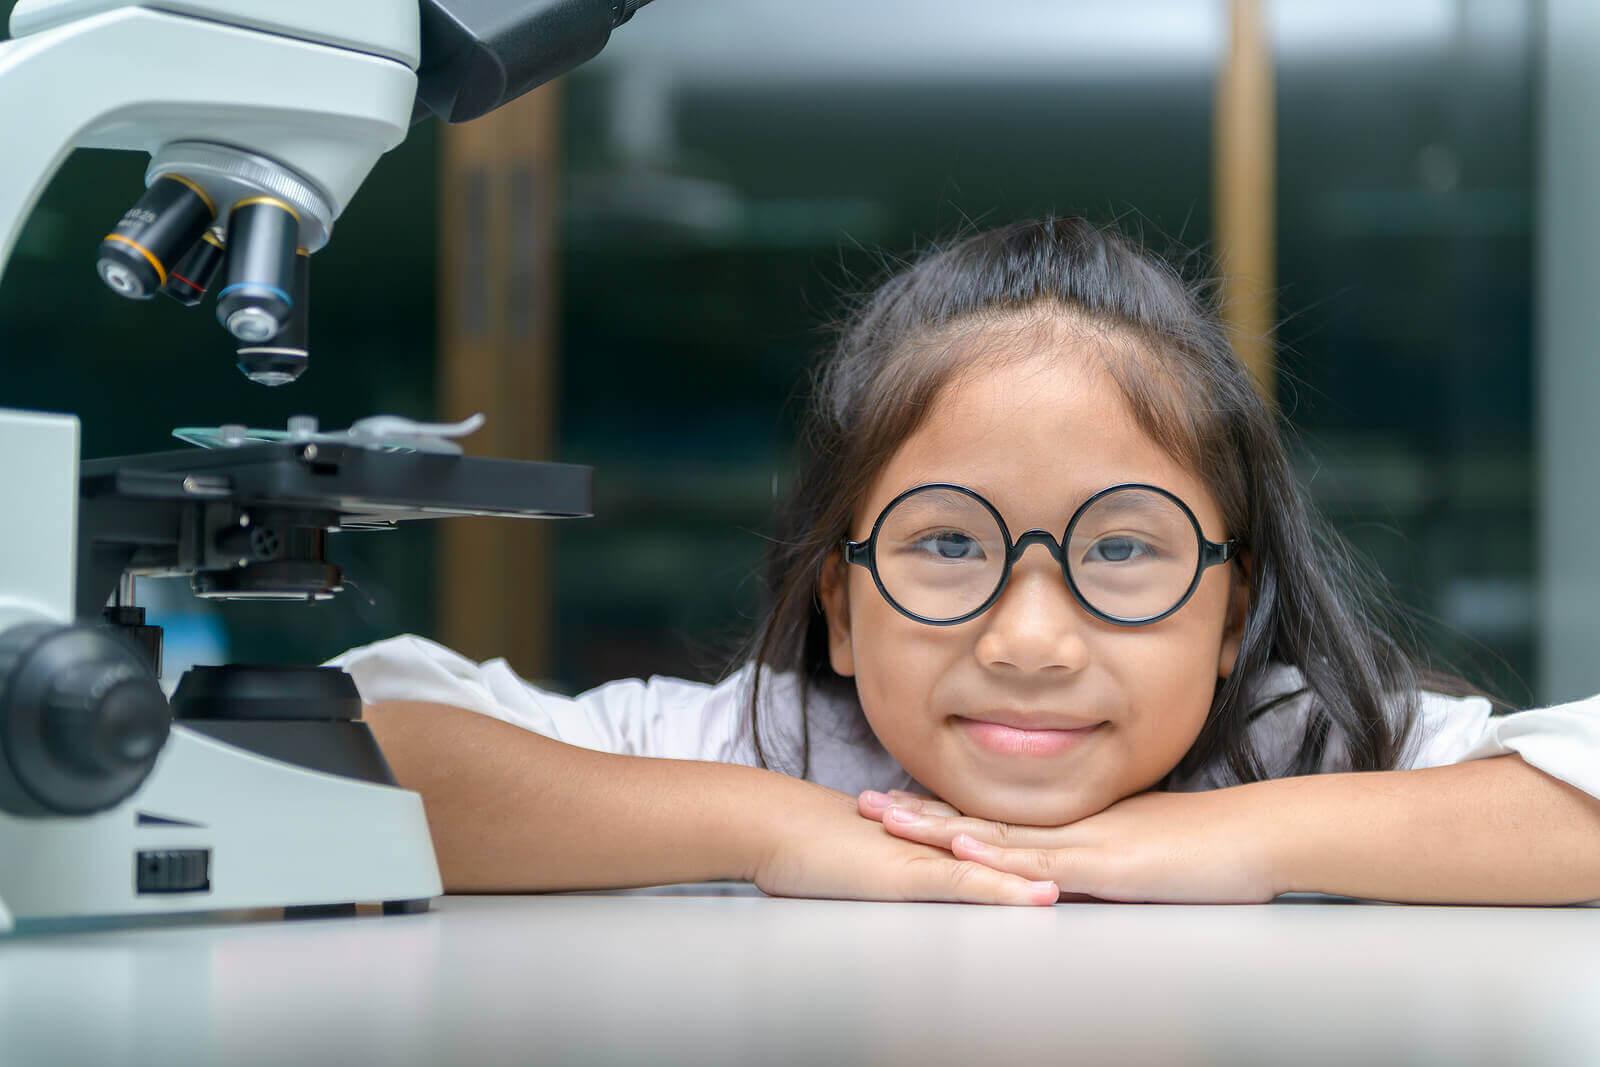 vetenskapligt tänkande hos barn: flicka vid mikroskop